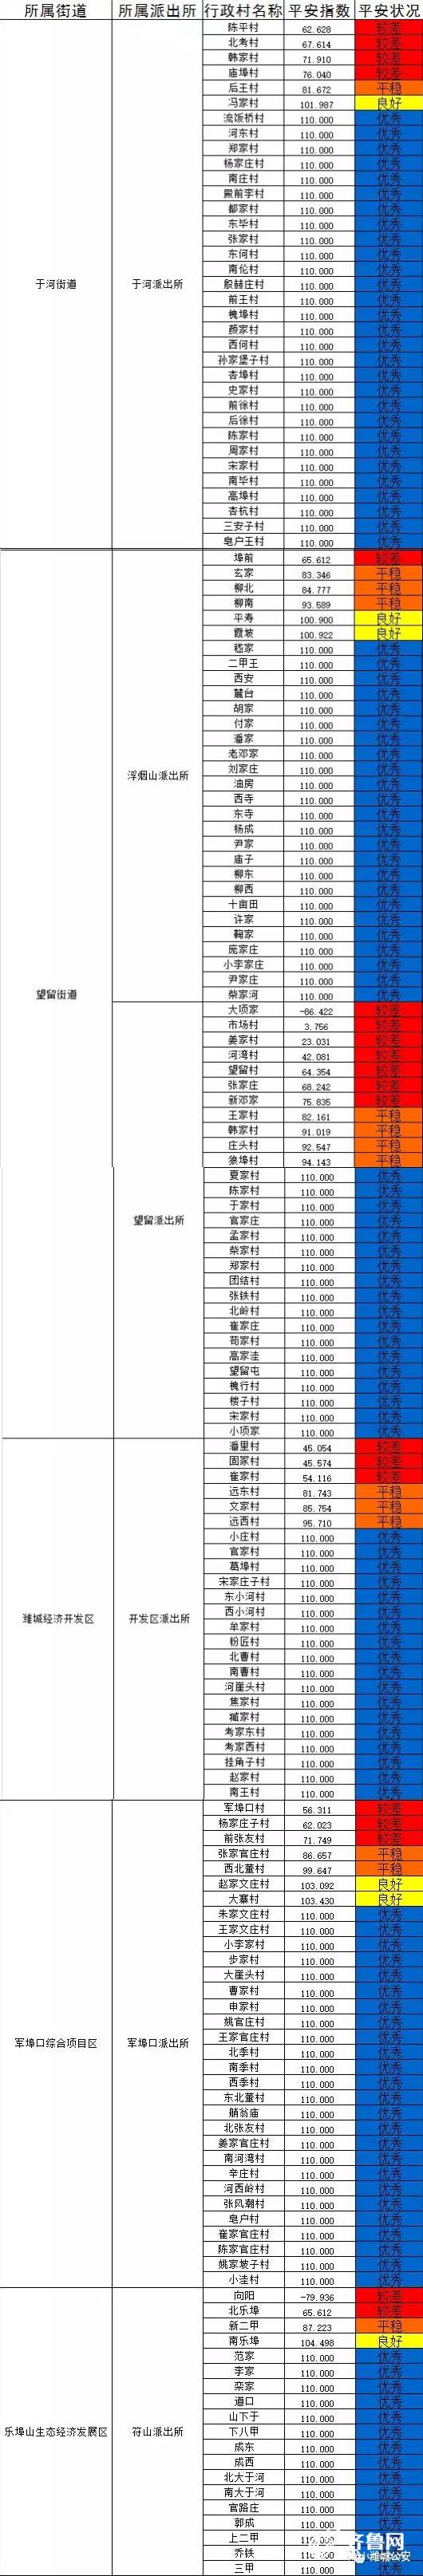 1510042407(1)_副本.png